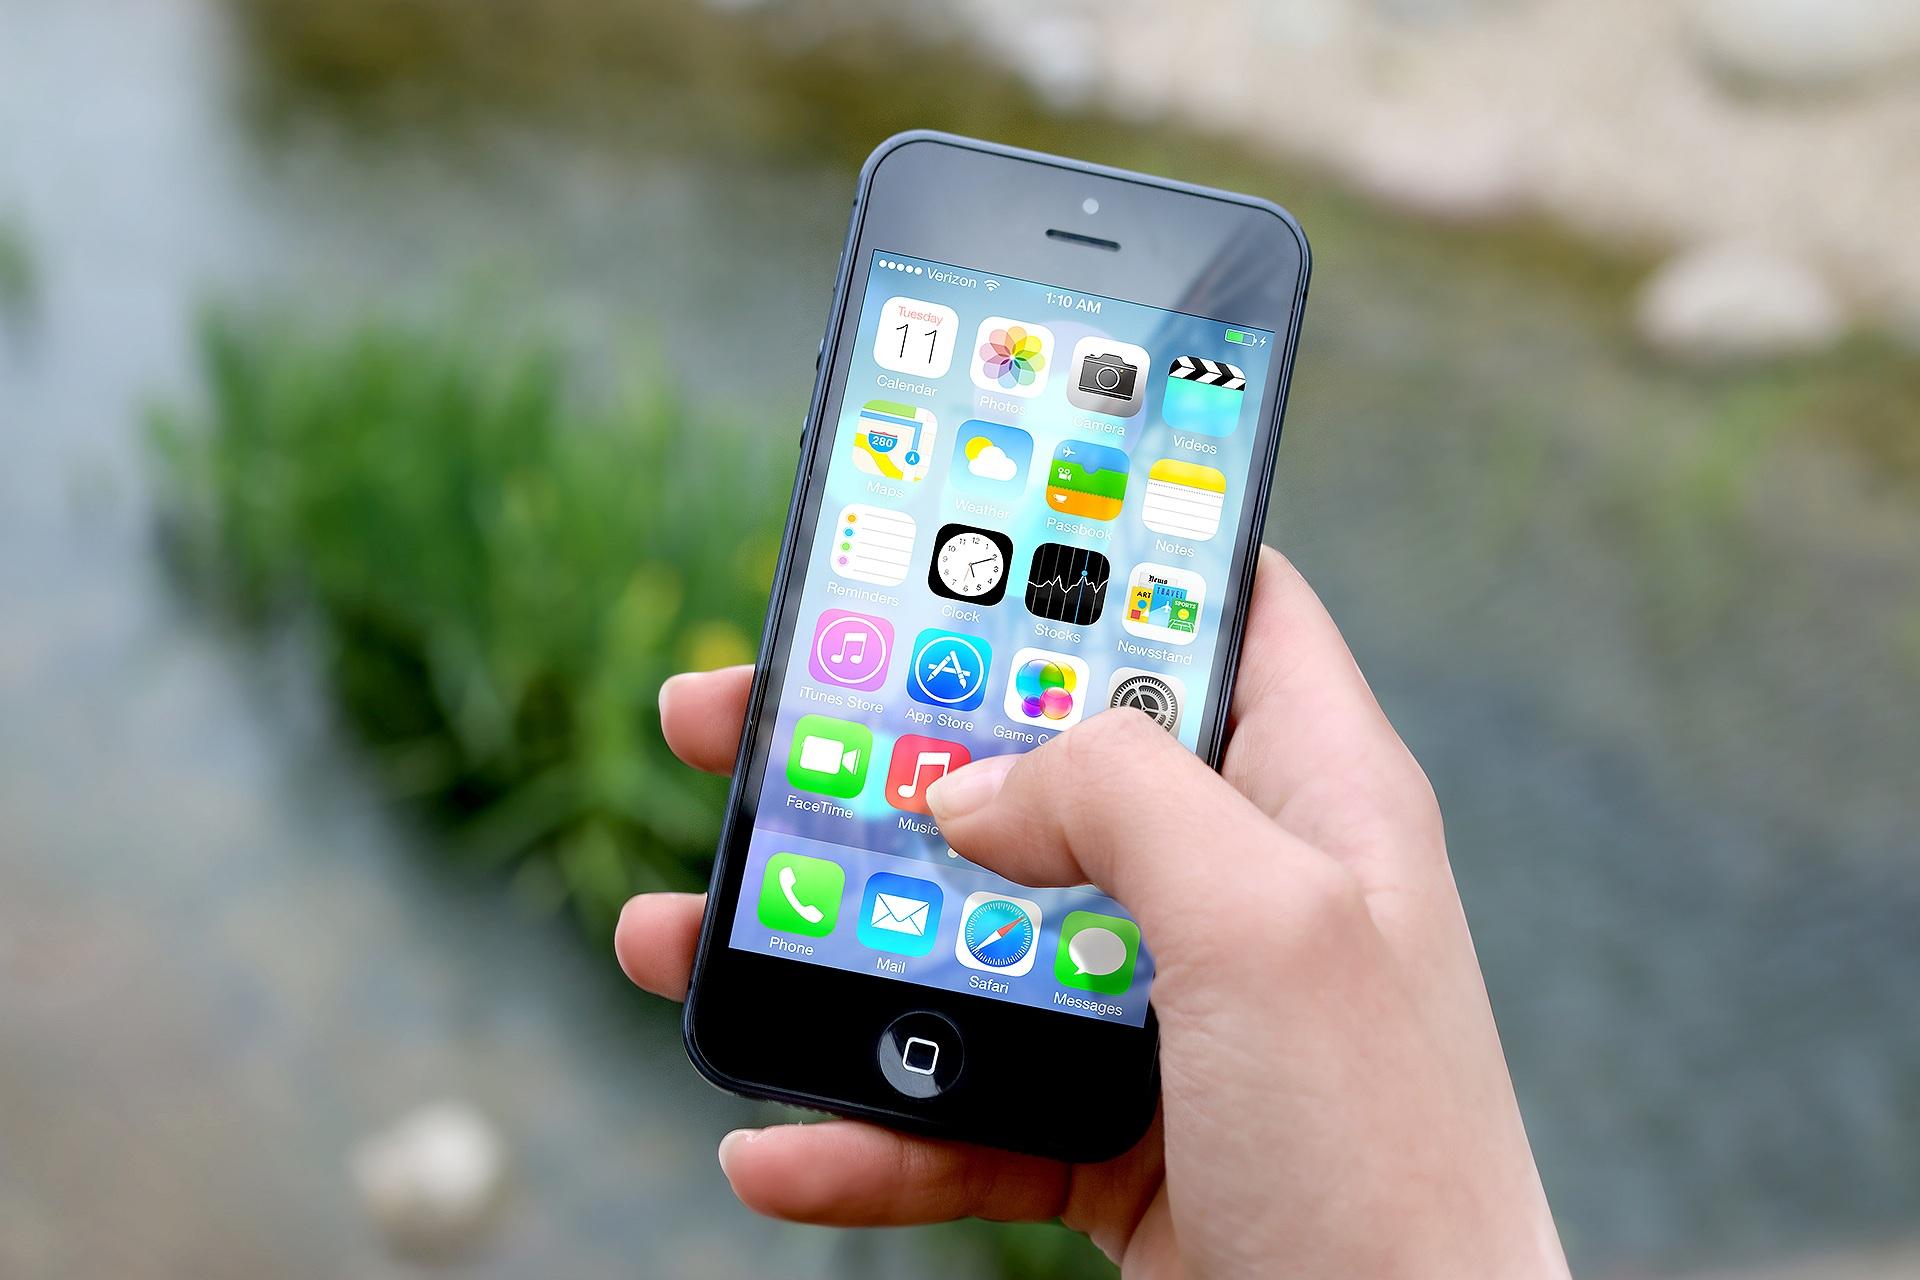 pouvez-vous brancher un iPhone Verizon pour parler directement matchmaking fantôme de morue